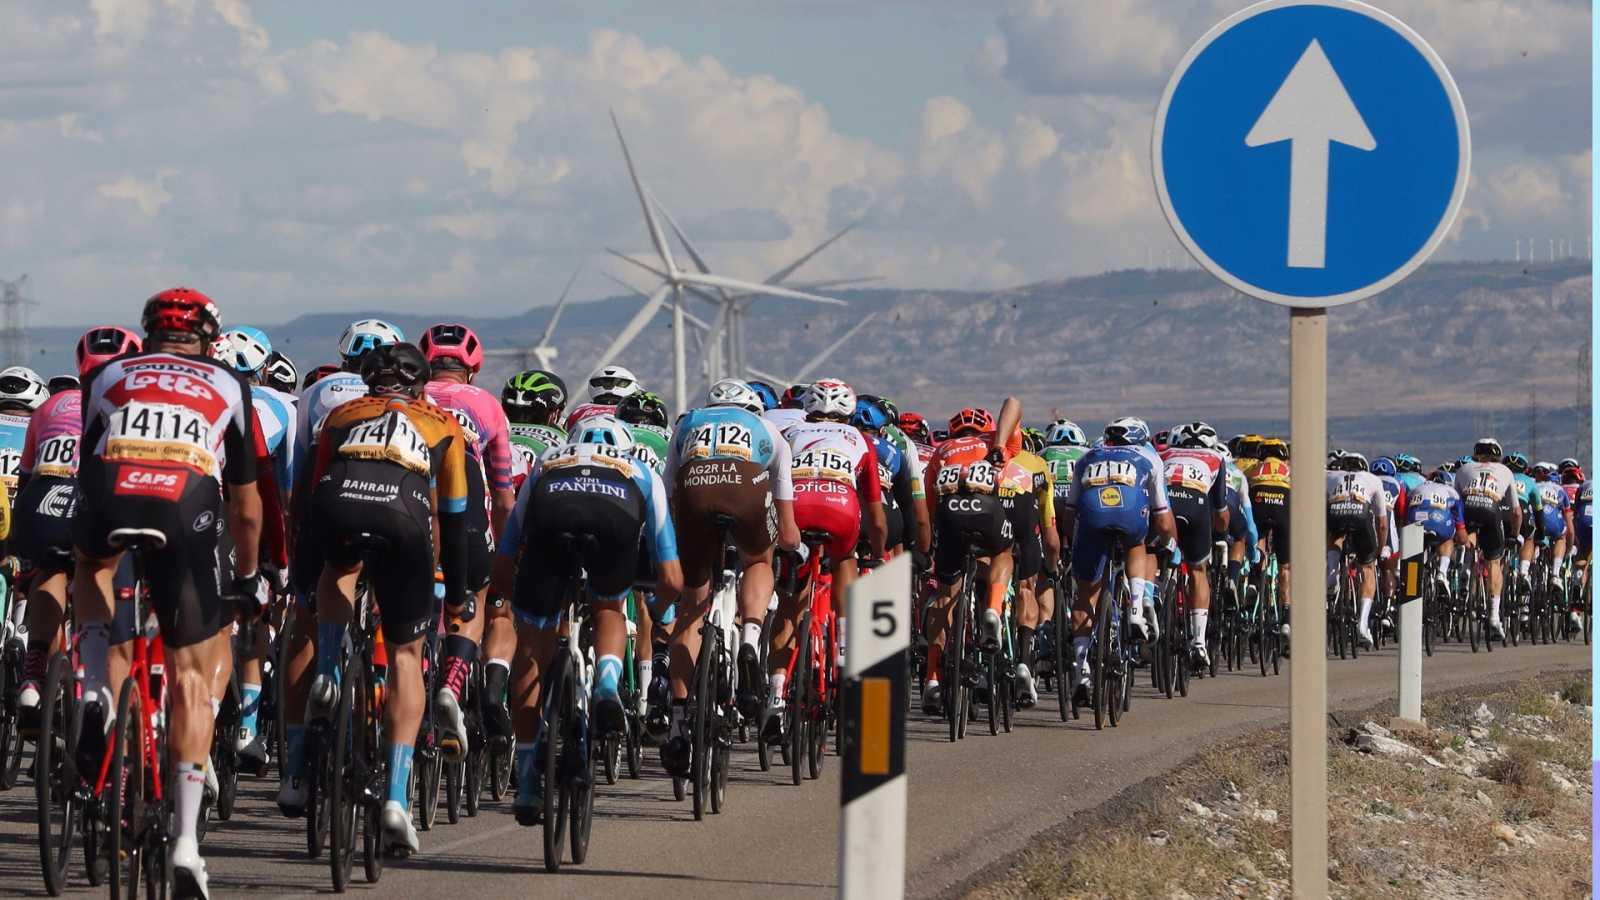 Vuelta ciclista a España 2020 - 4ª etapa: Garray-Numancia - Ejea de Los Caballeros - ver ahora